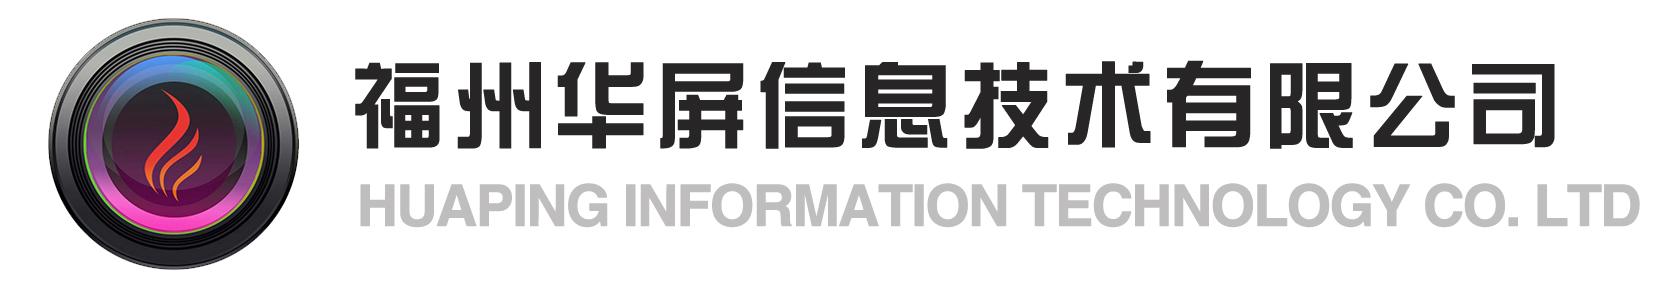 福州华屏信息技术有限公司